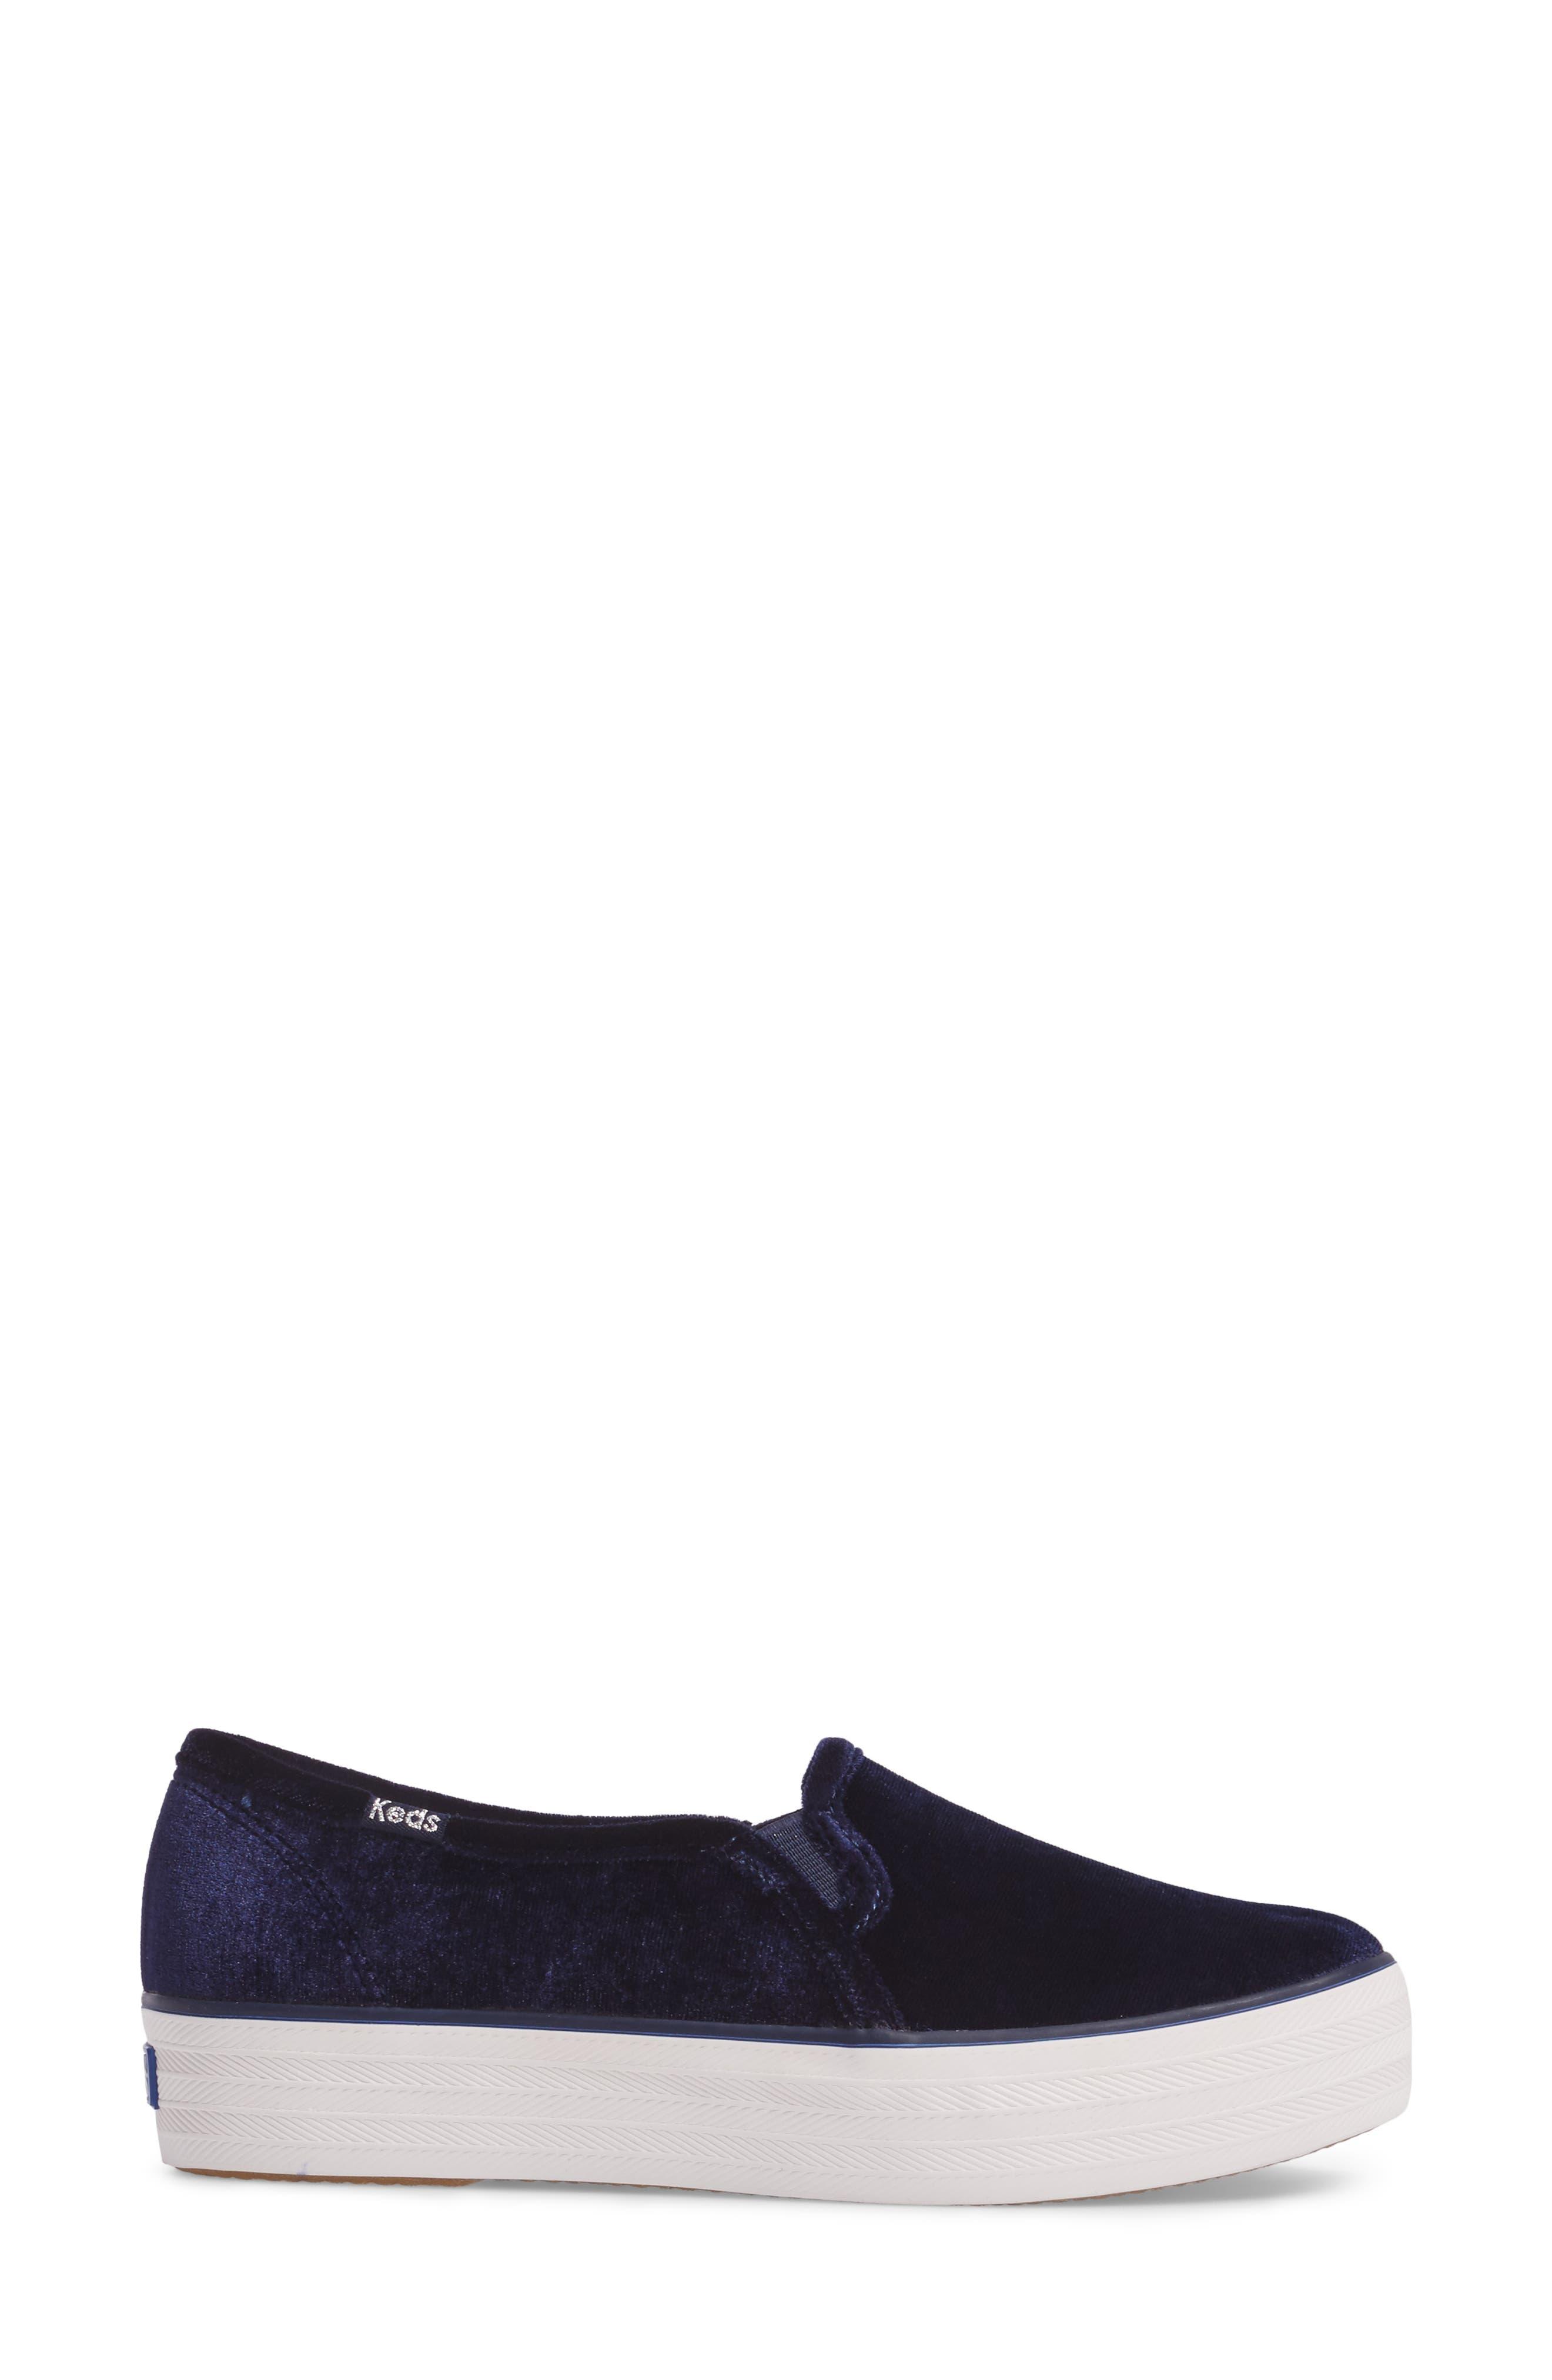 Triple Decker Slip-On Platform Sneaker,                             Alternate thumbnail 26, color,